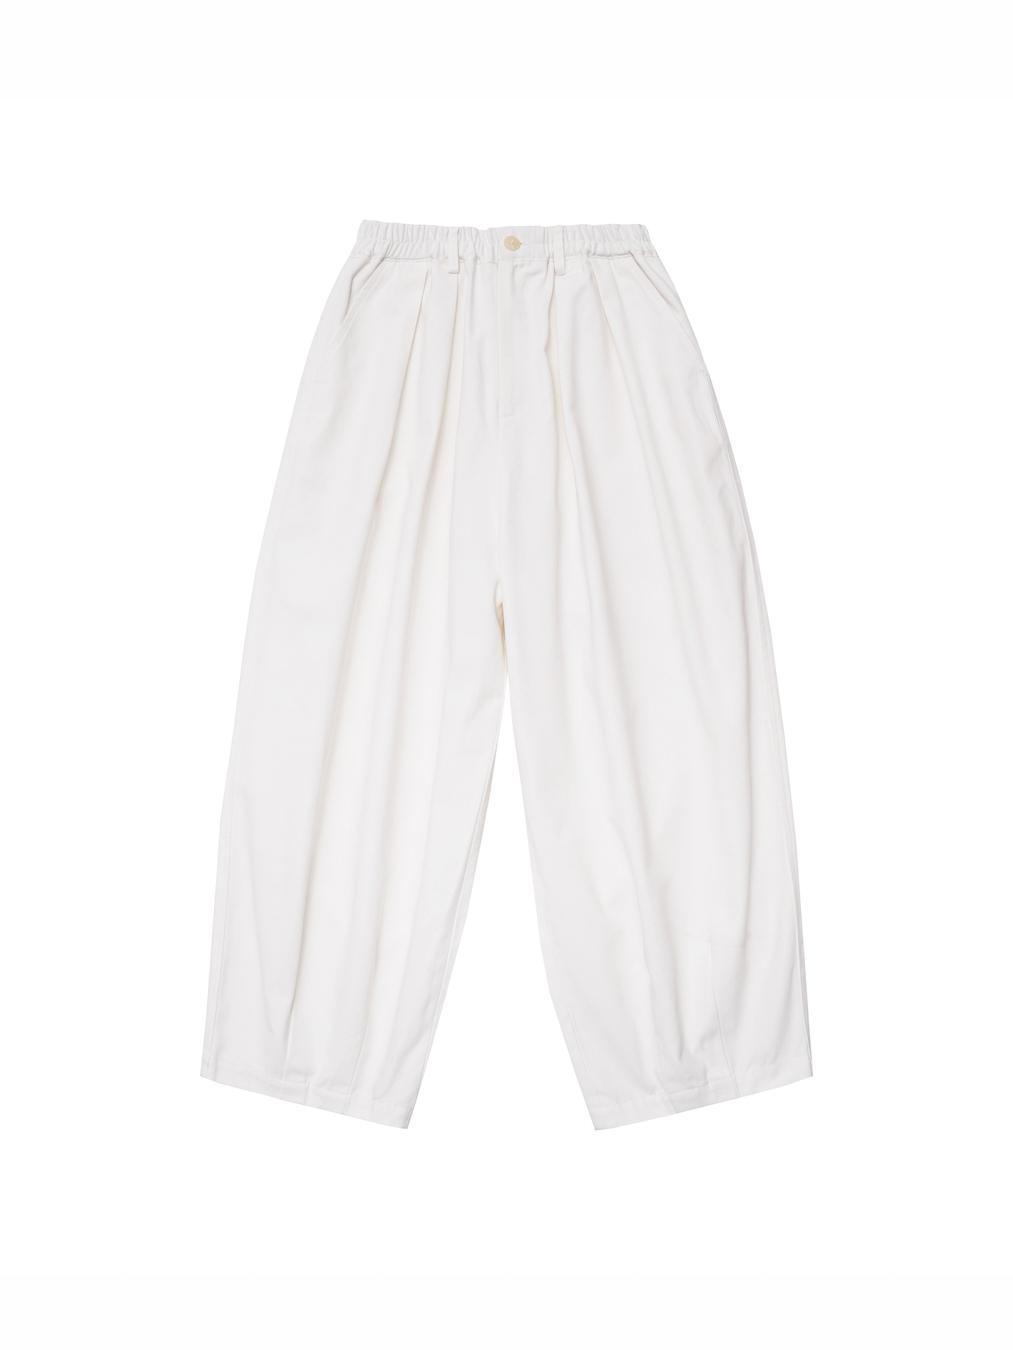 BIGBOIII Pants (White)